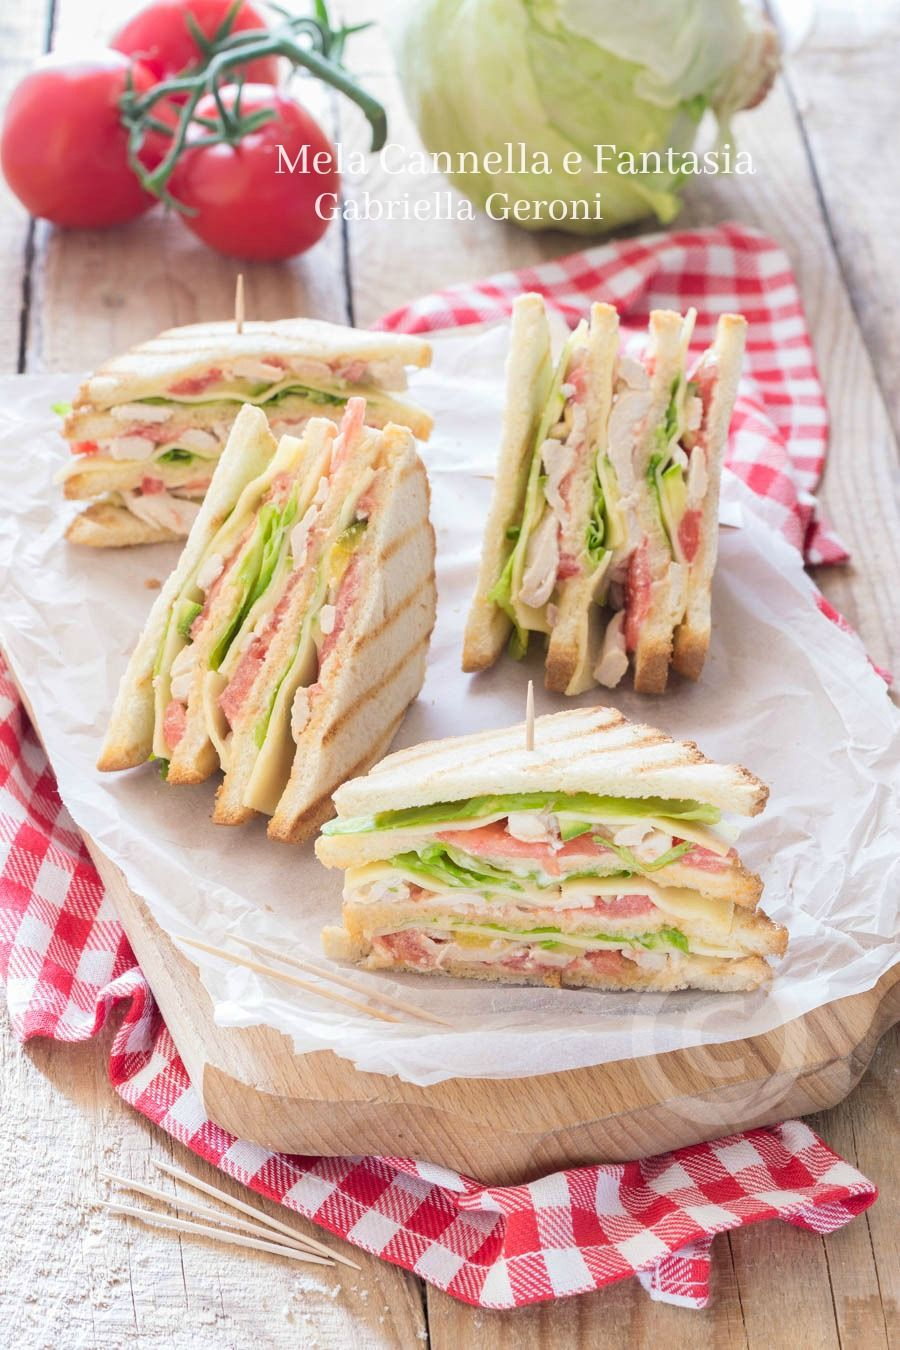 ced265fb73e867b94c5faf253092a065 - Sandwiches Ricette